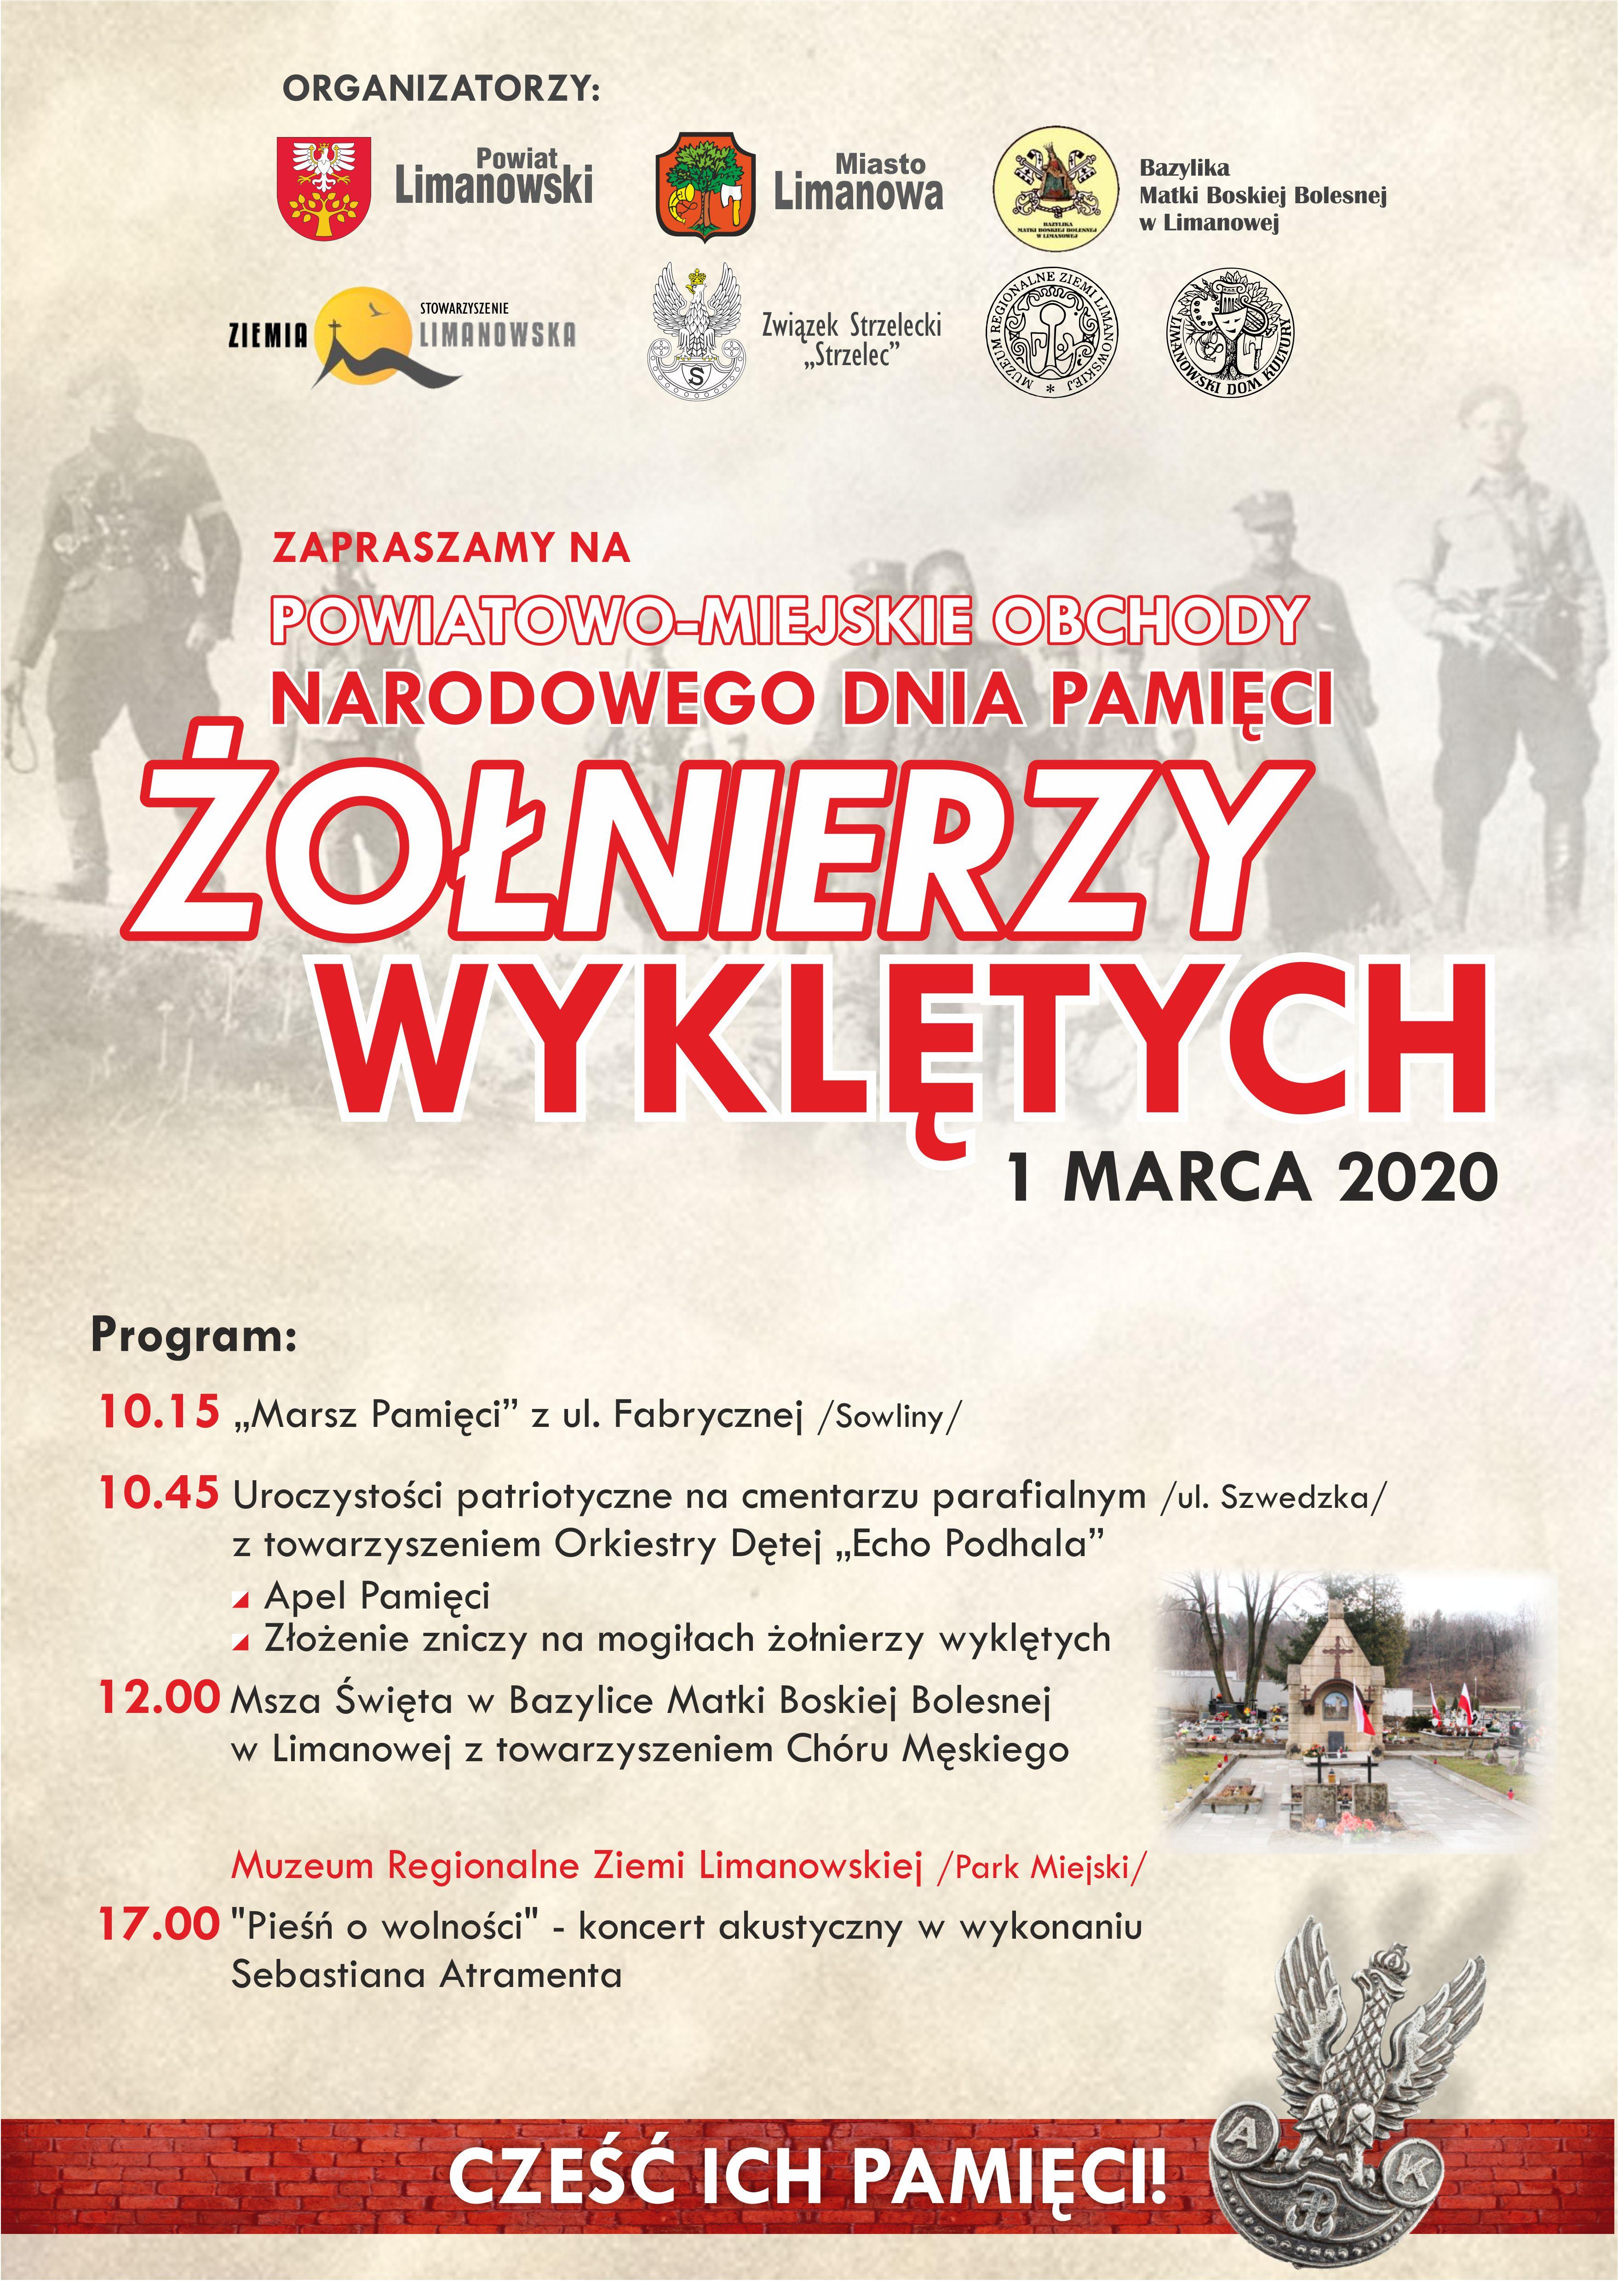 Zaproszenie do Udziału w Powiatowo - Miejskich Obchodach Narodowego Dnia Pamięci Żołnierzy Wyklętych- plakat informacyjny